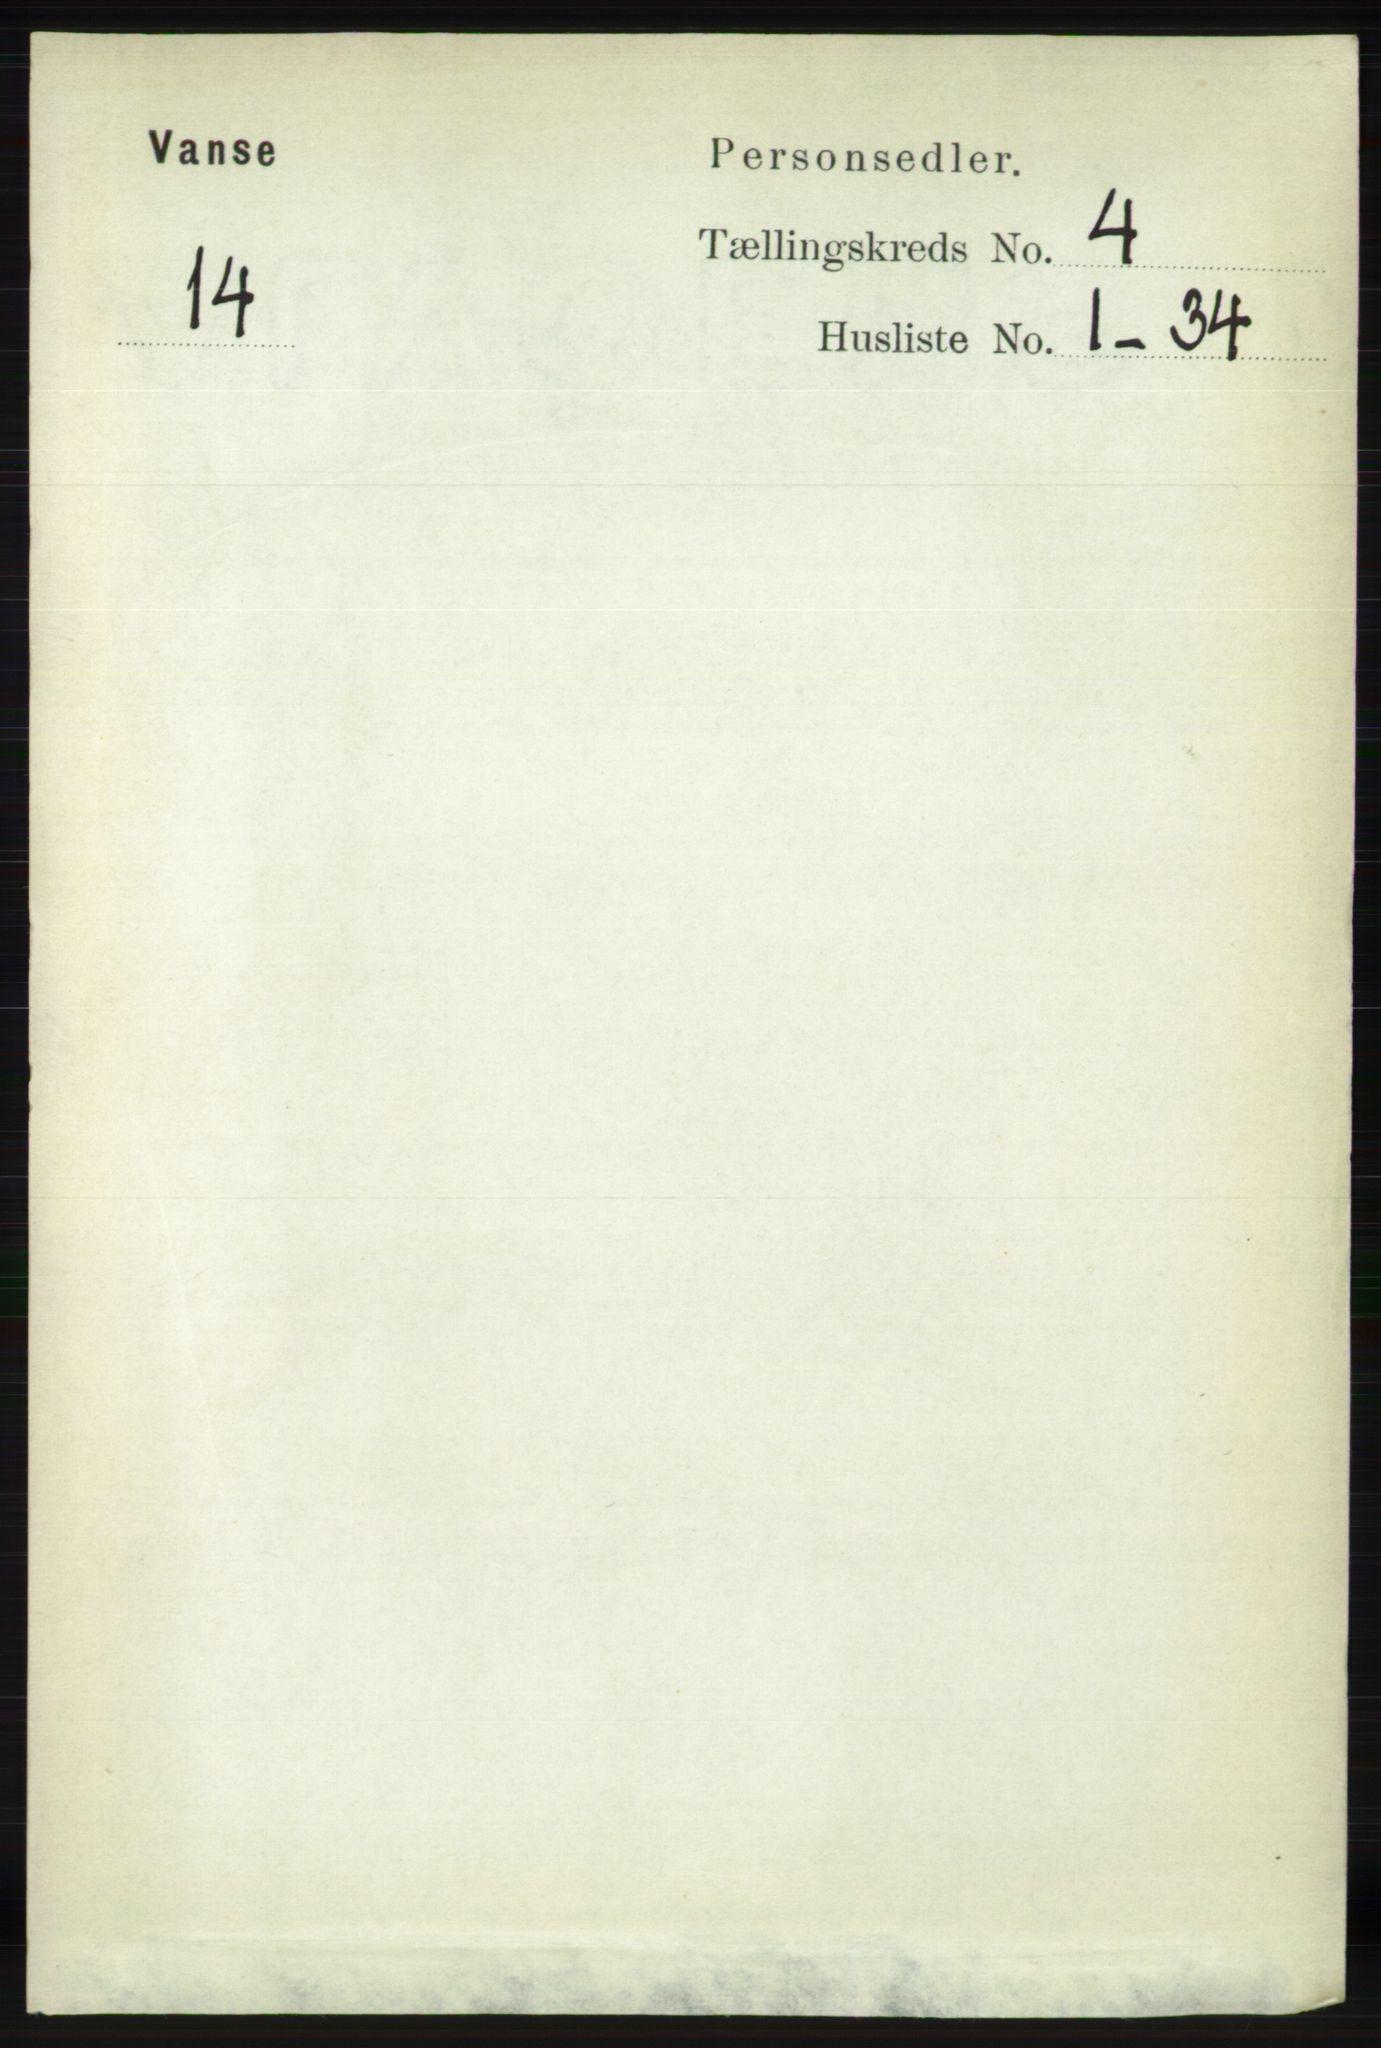 RA, Folketelling 1891 for 1041 Vanse herred, 1891, s. 2142